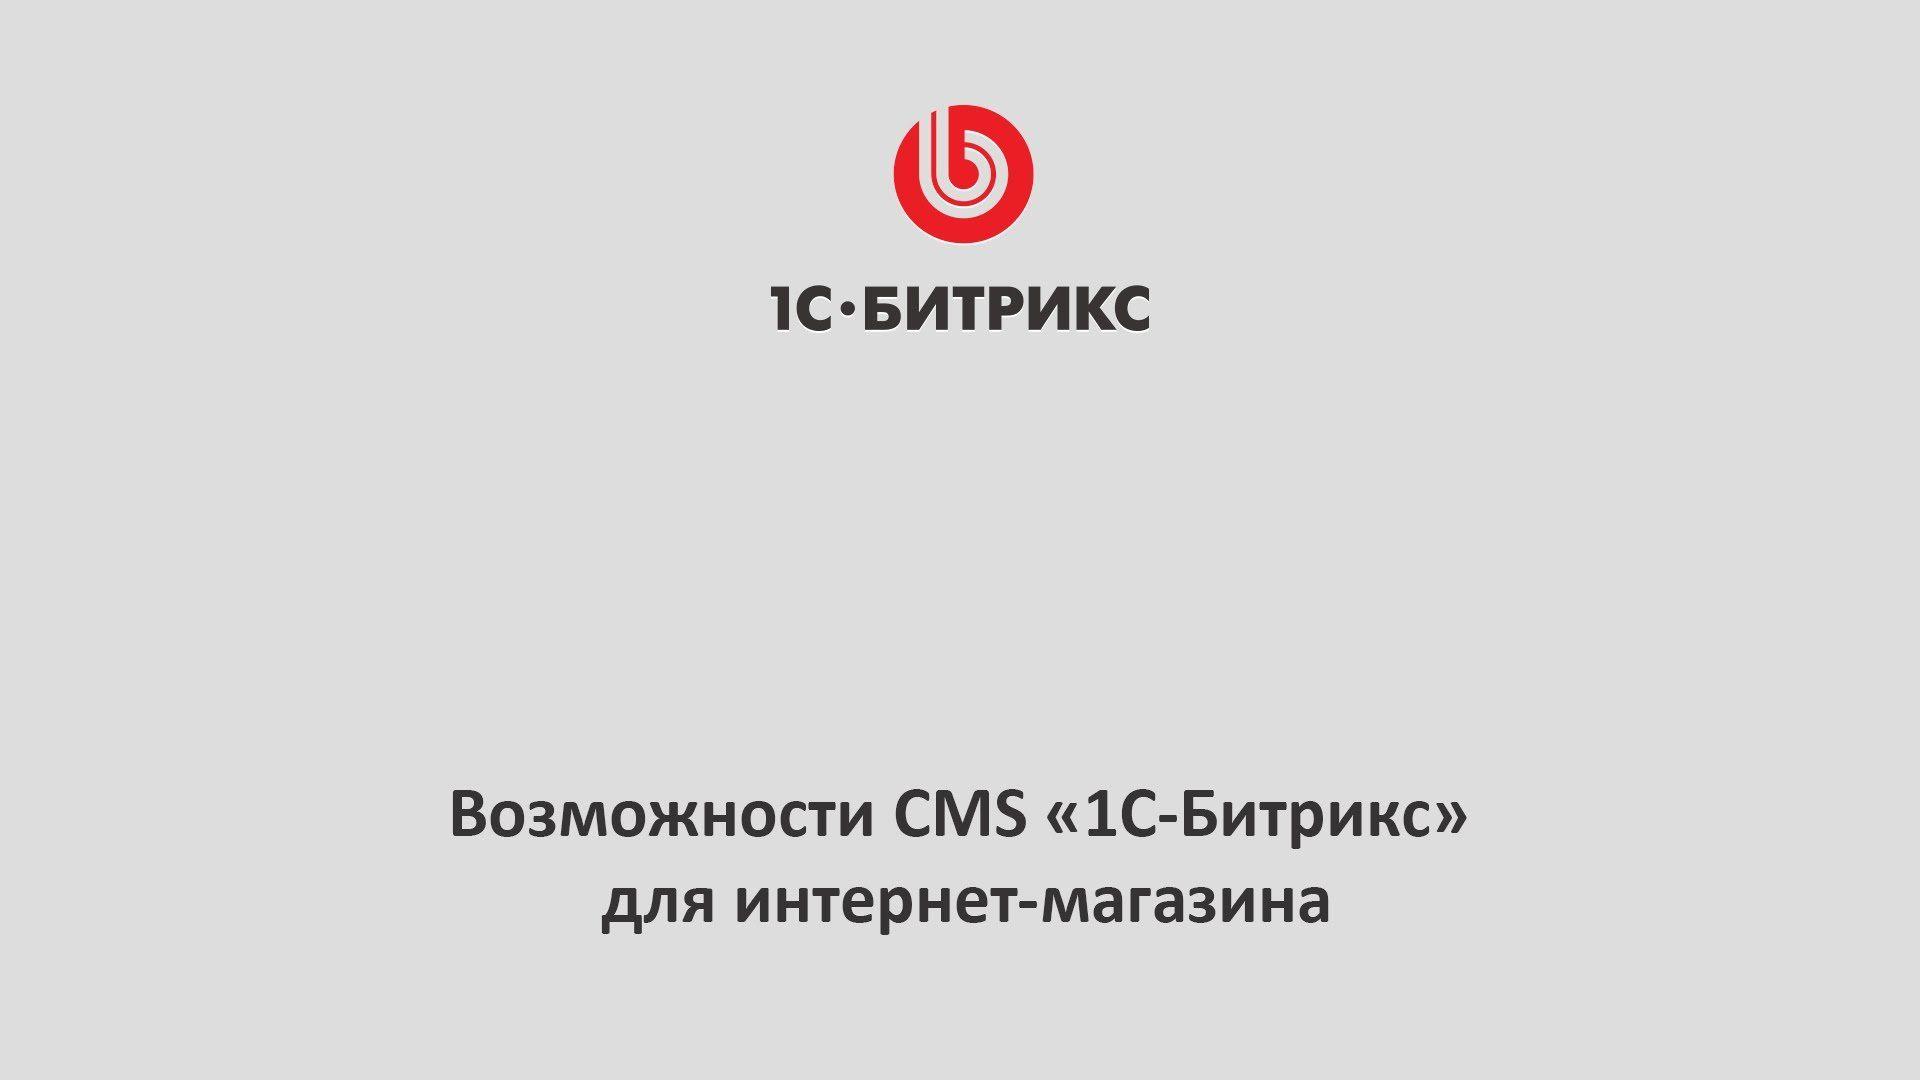 Платформа 1С-Битрикс – профессиональная система для создания интернет-магазинов  с большим товарооборотом. Разработка интернет магазина на этой CMS  открывает ... 76c30ca93a16a